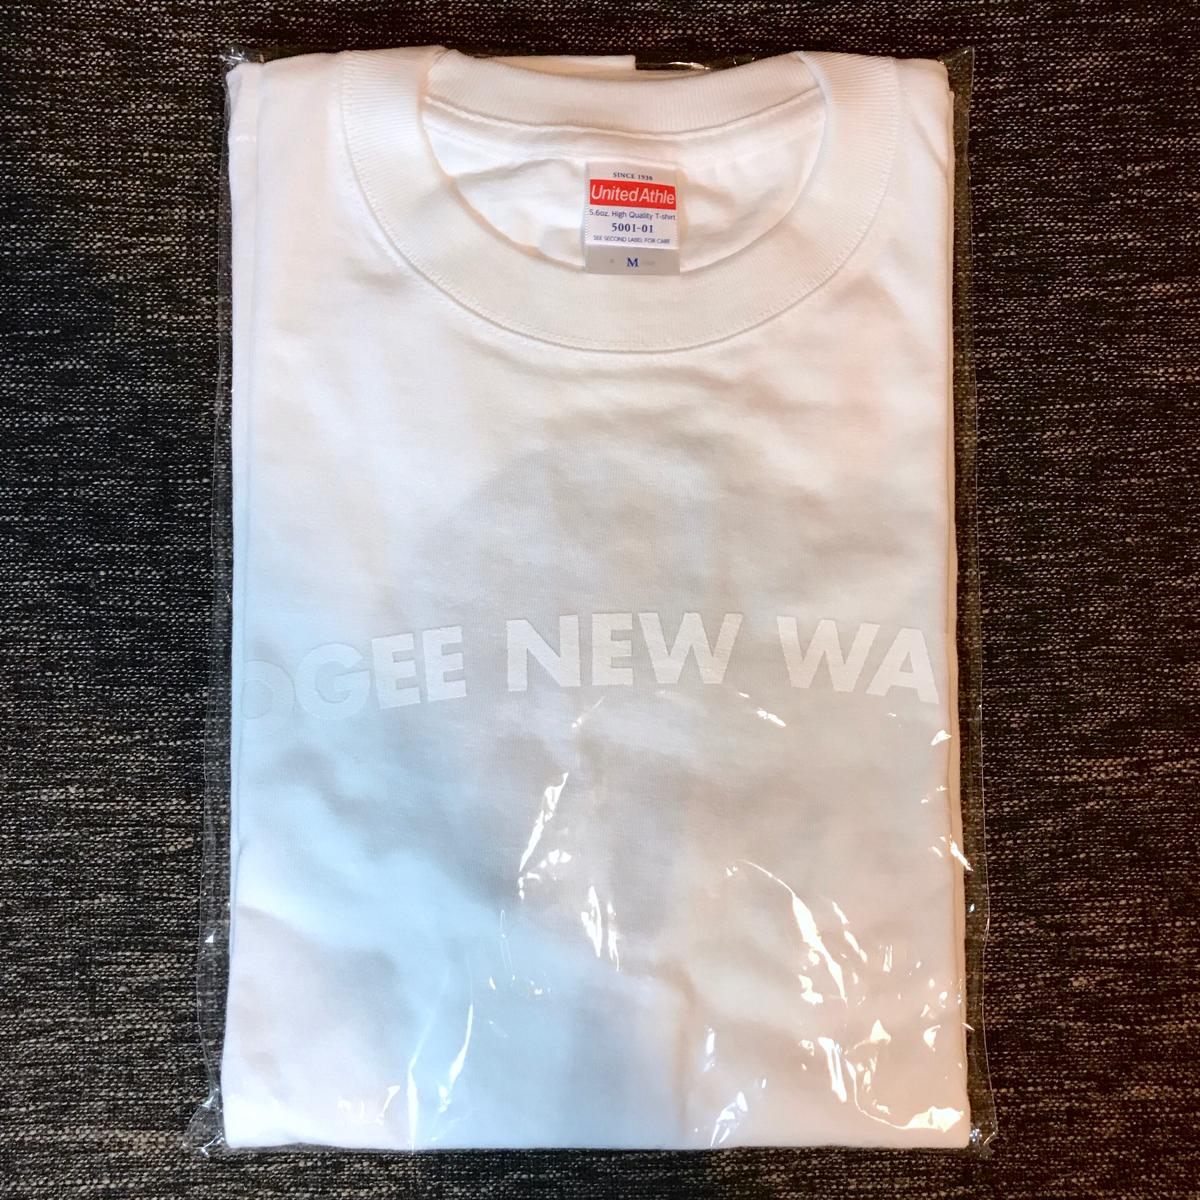 【新品/完売】YOGEE NEW WAVES ヨギーニューウェーブス Tシャツ M 未使用 フジロック2017 グッズ レディース メンズ suchimos ネバヤン